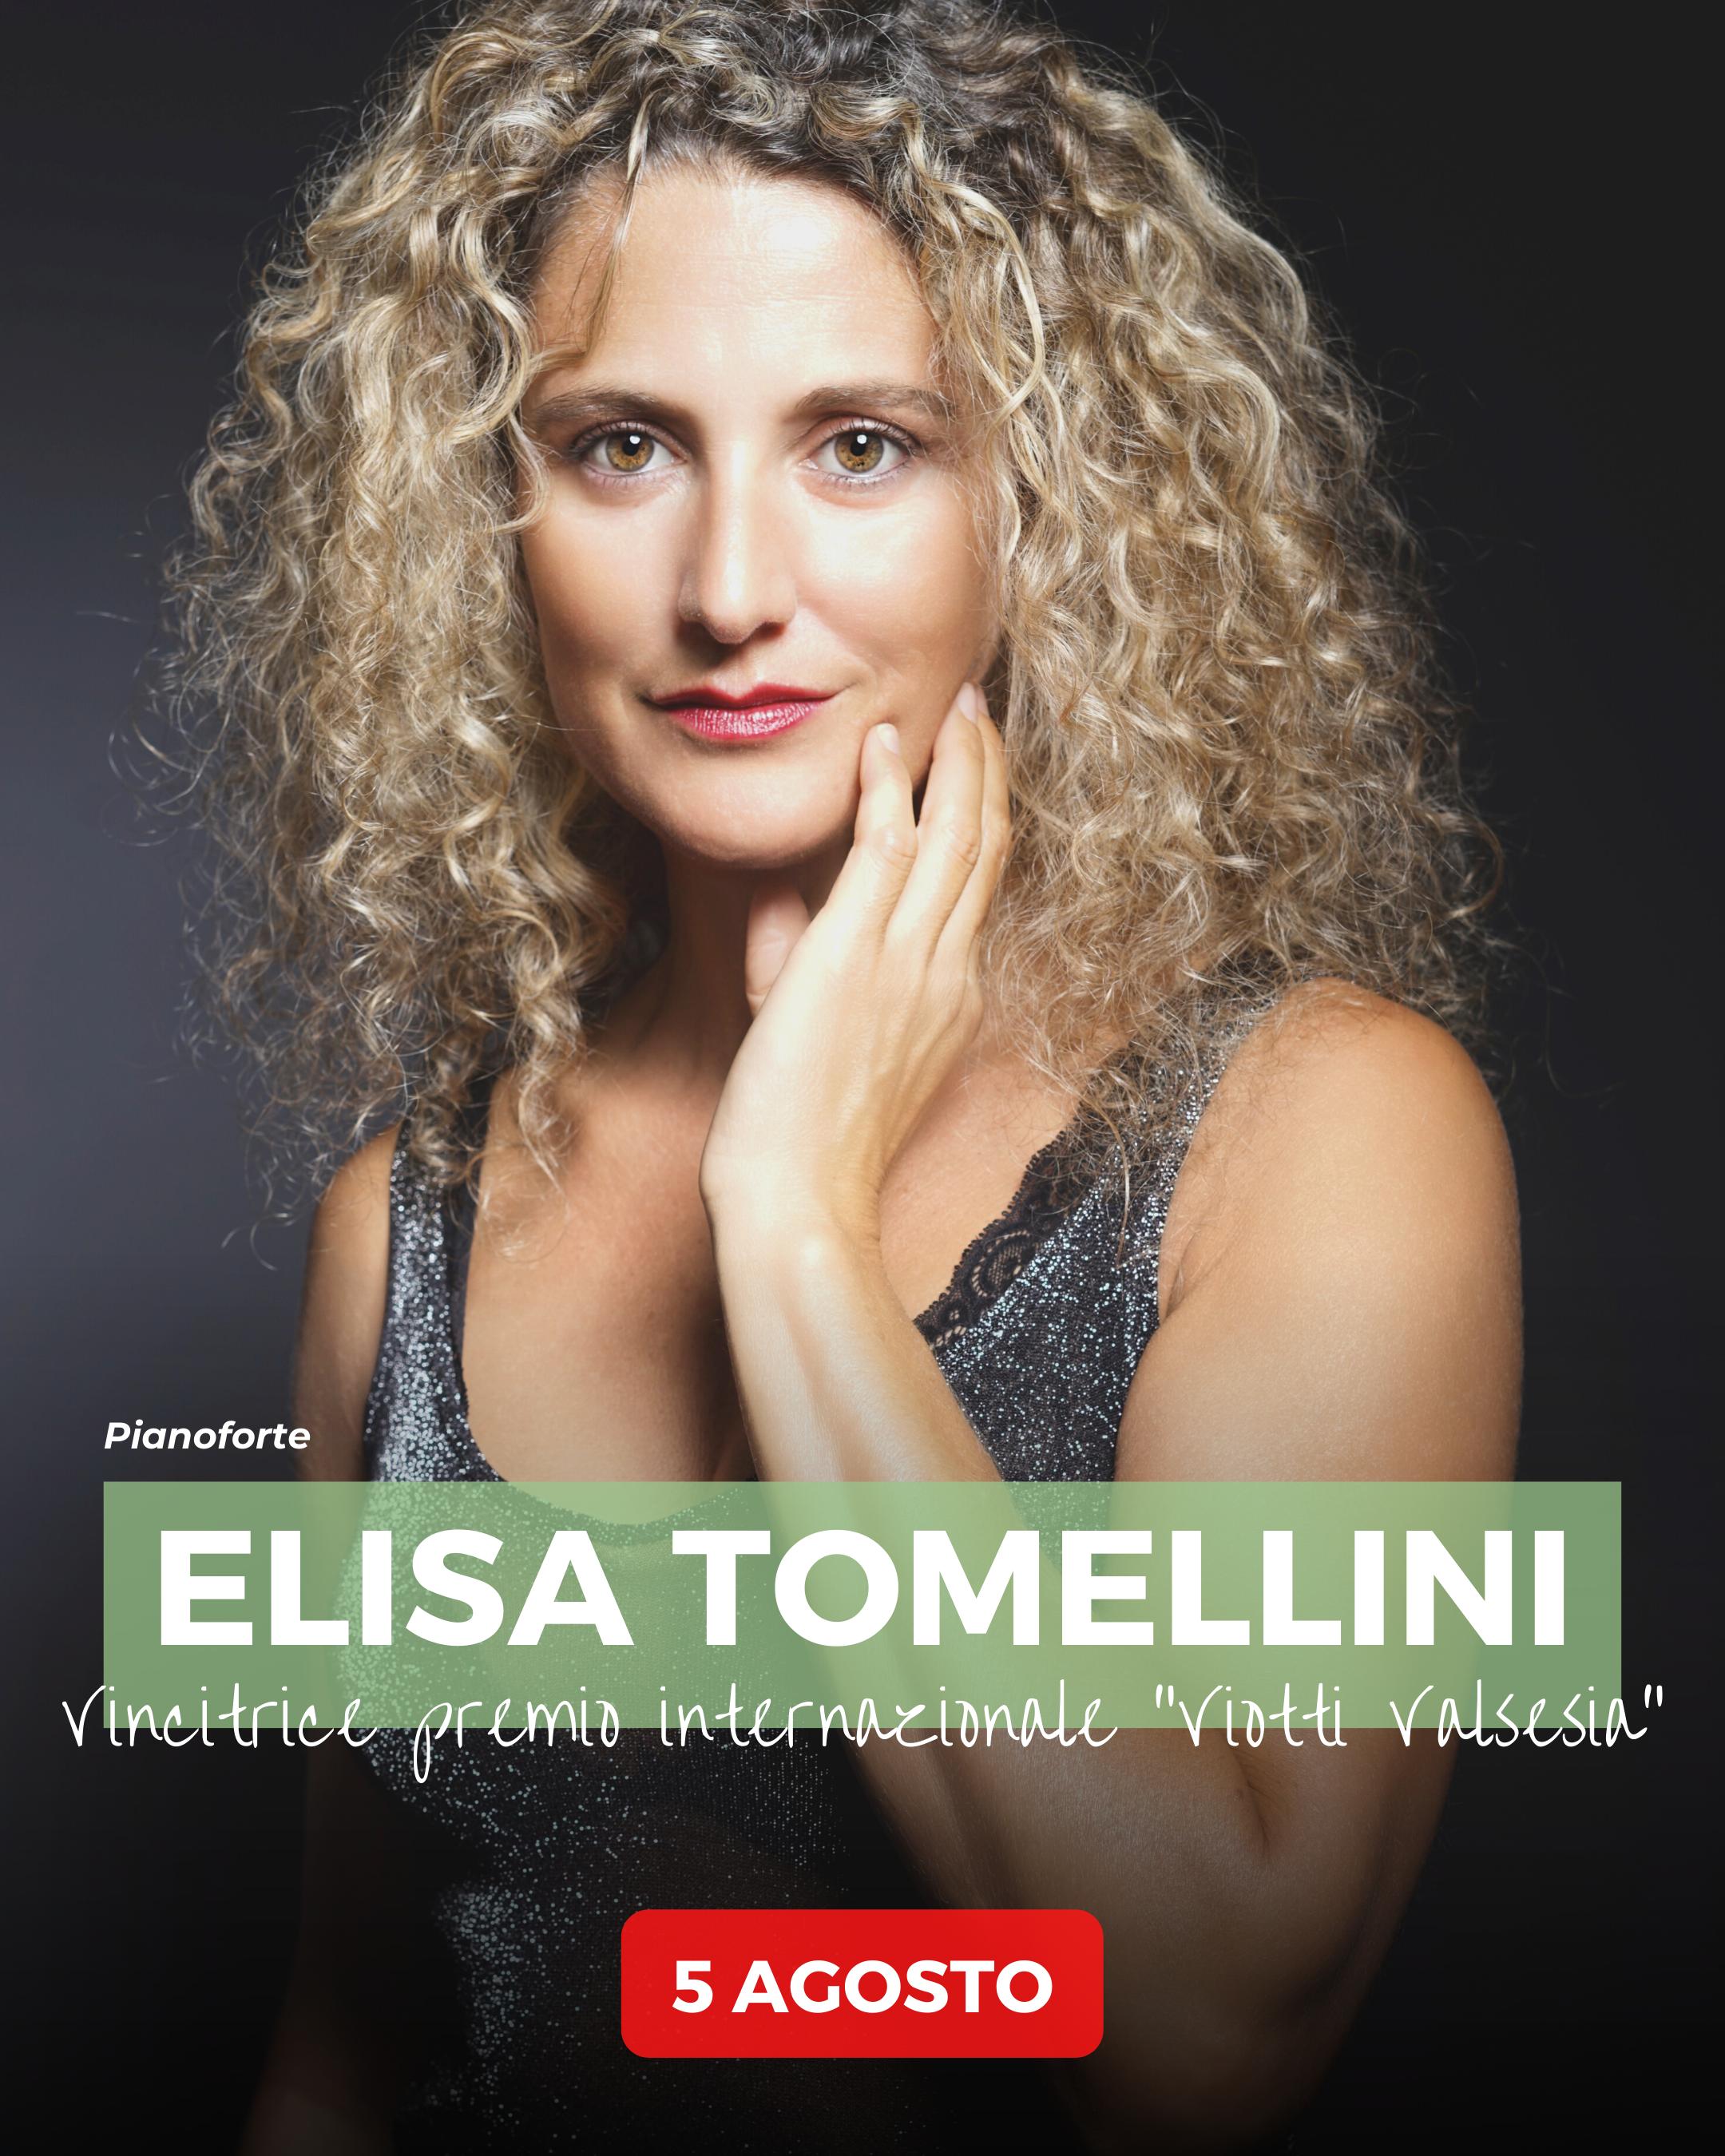 ELISA TOMELLINI